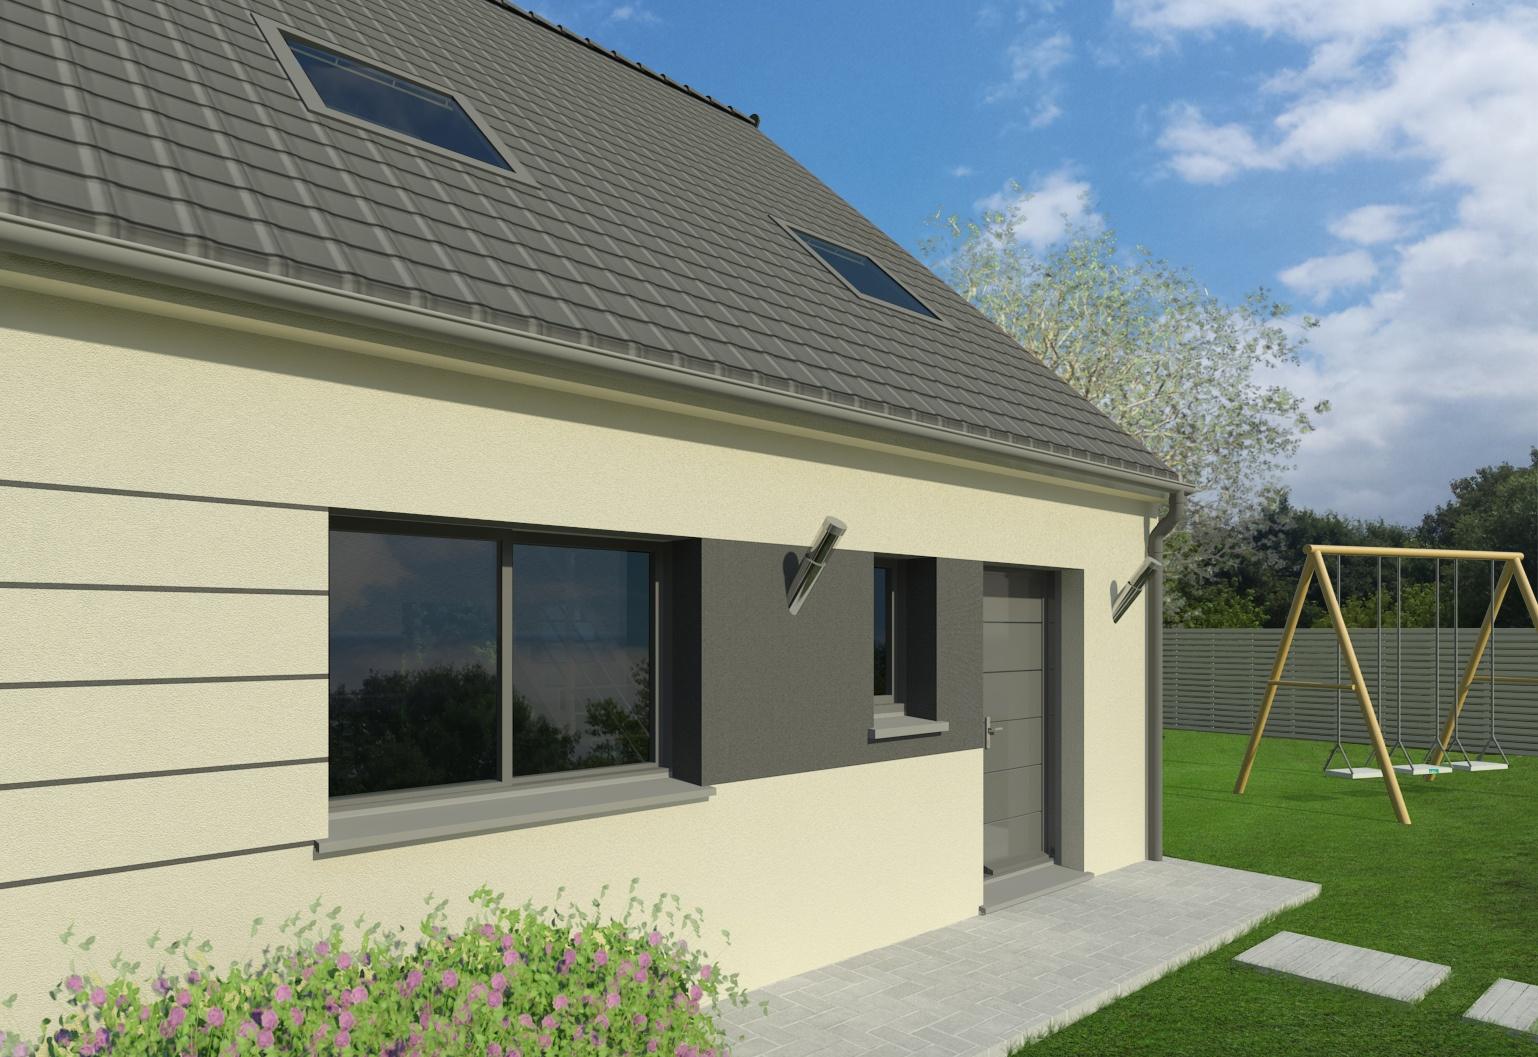 Maisons + Terrains du constructeur MAISON FAMILIALE • 90 m² • BUCHELAY